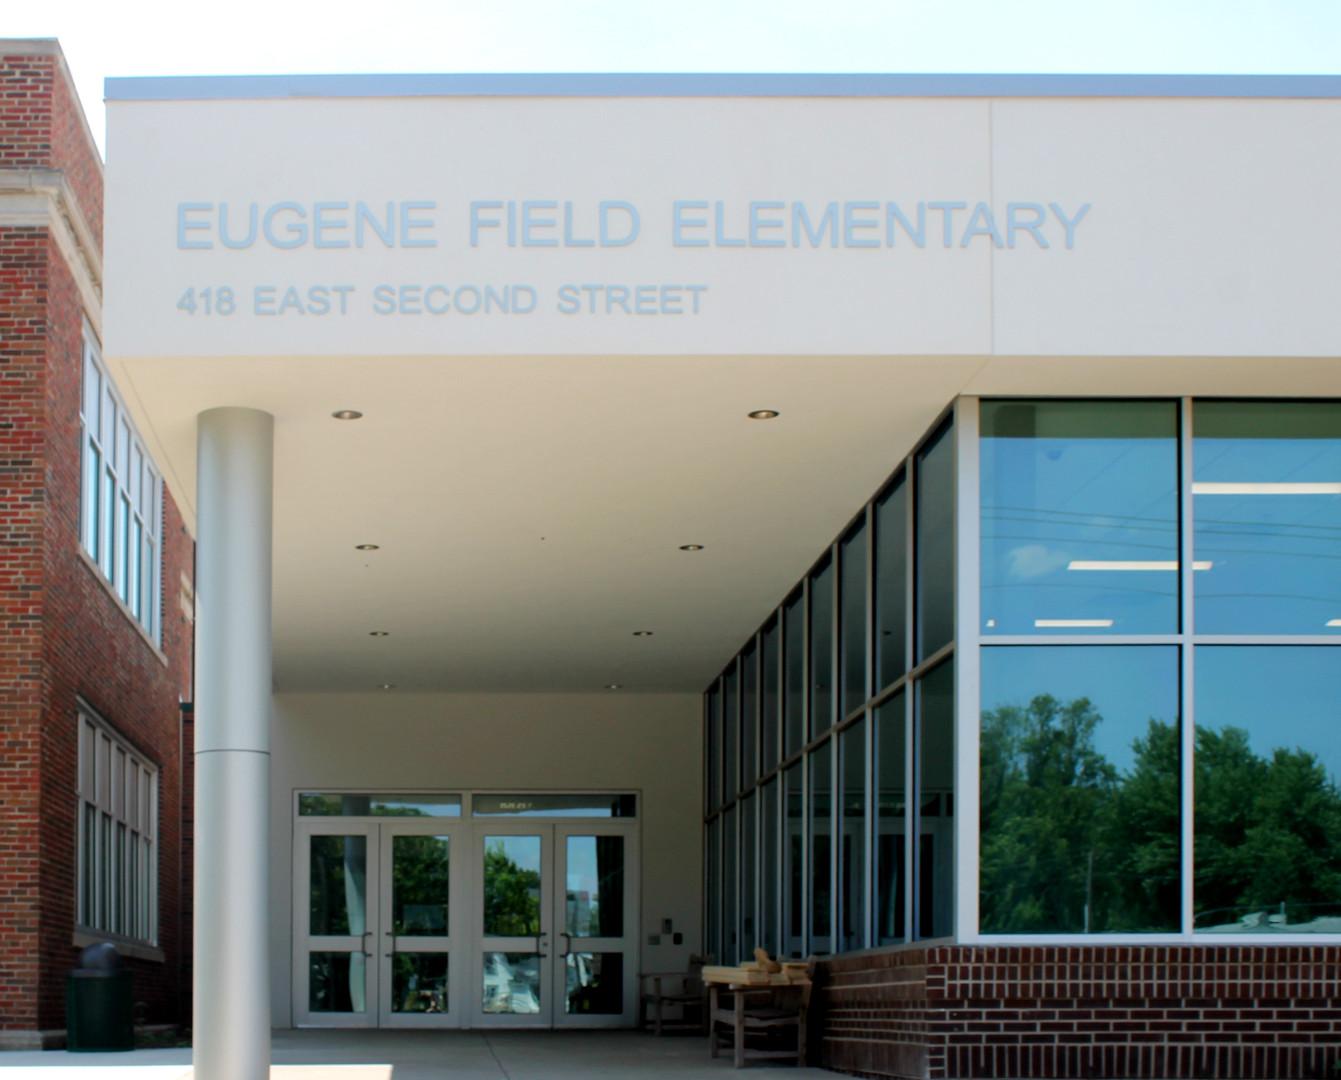 Eugene Field Elementary